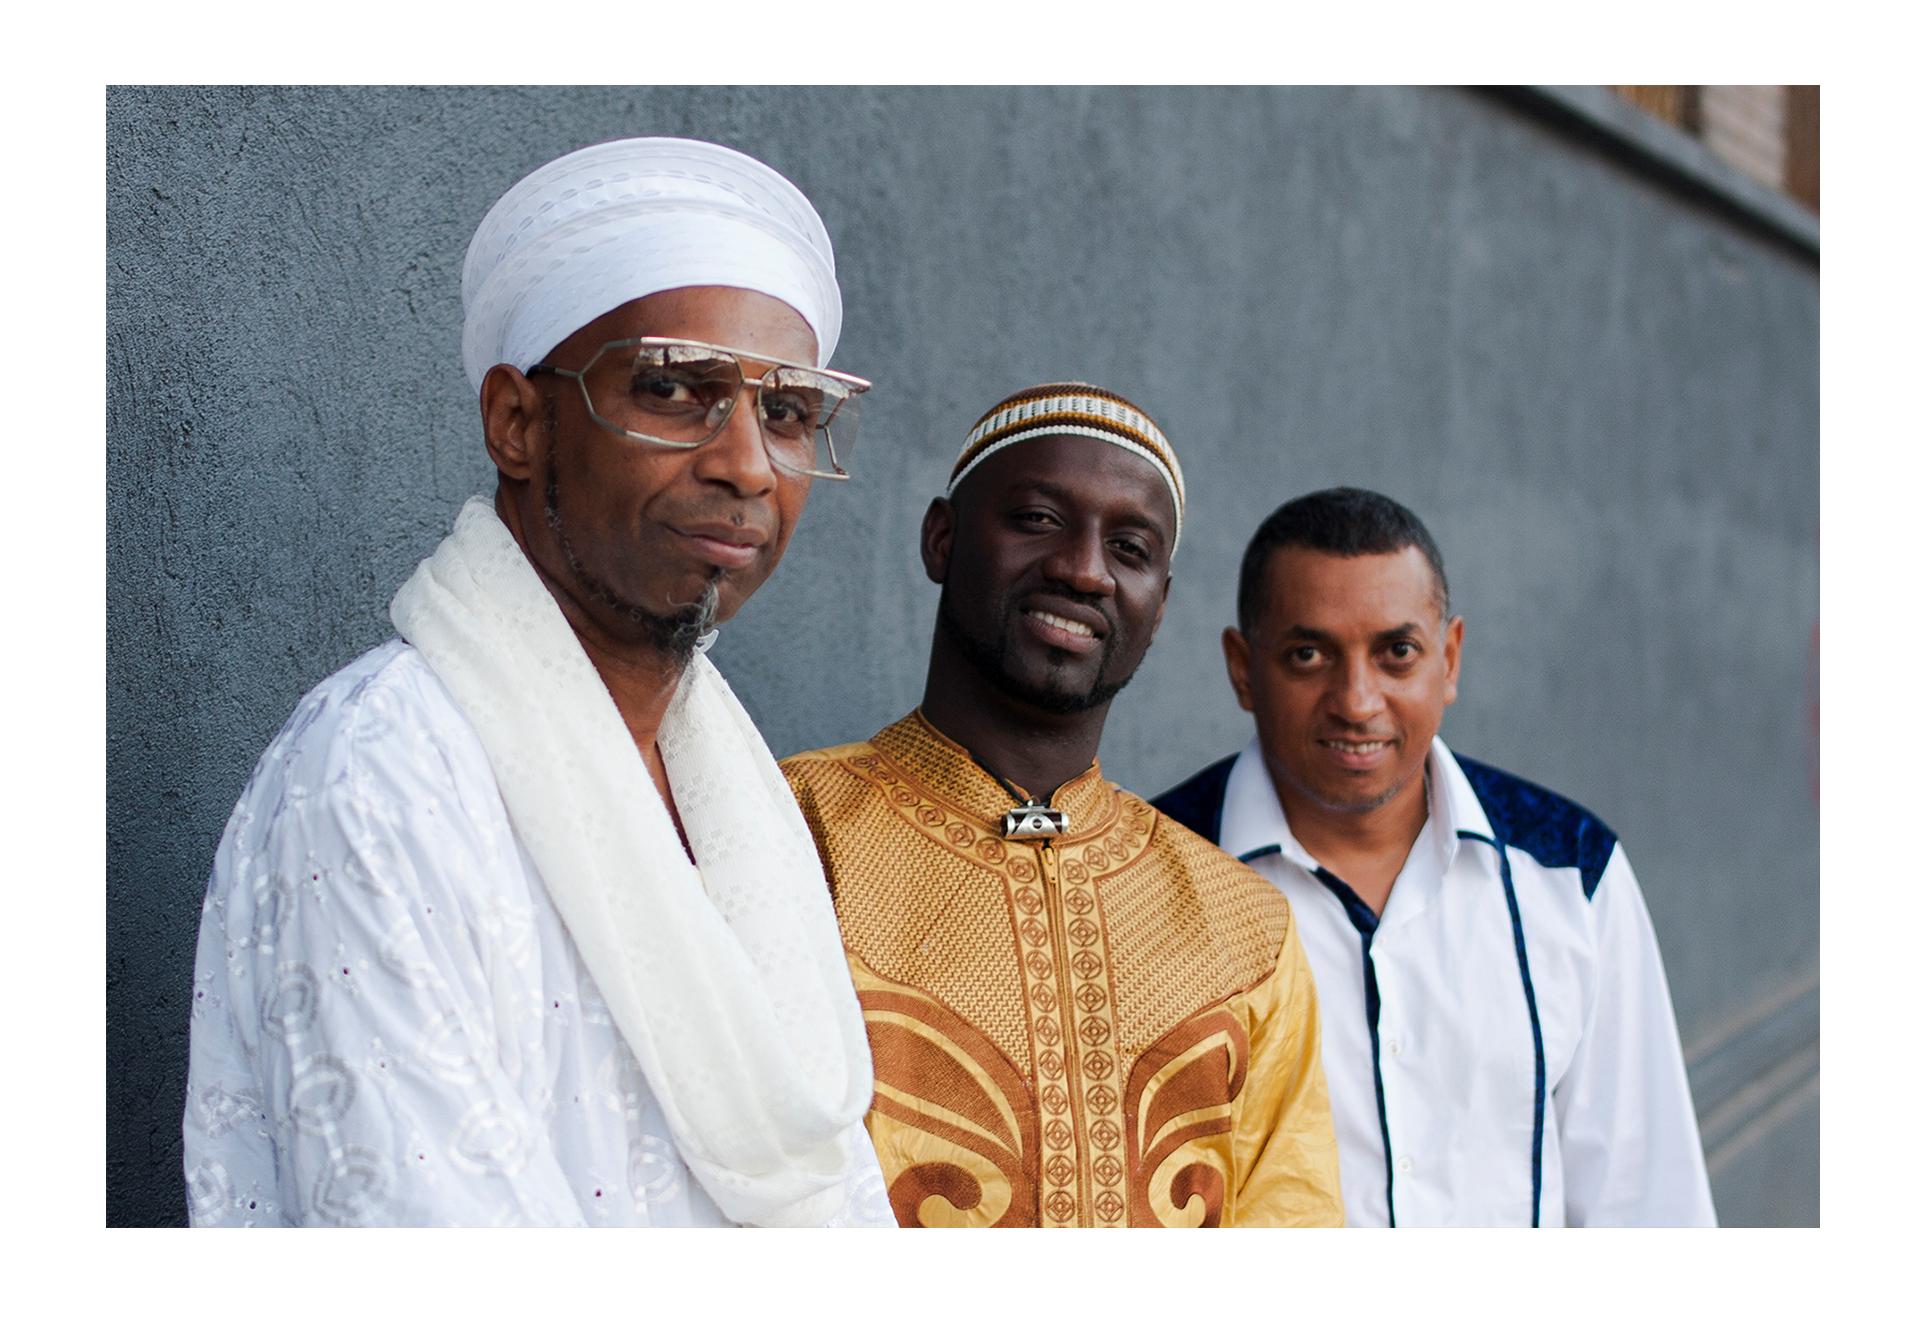 Omar-sosa-trio-line